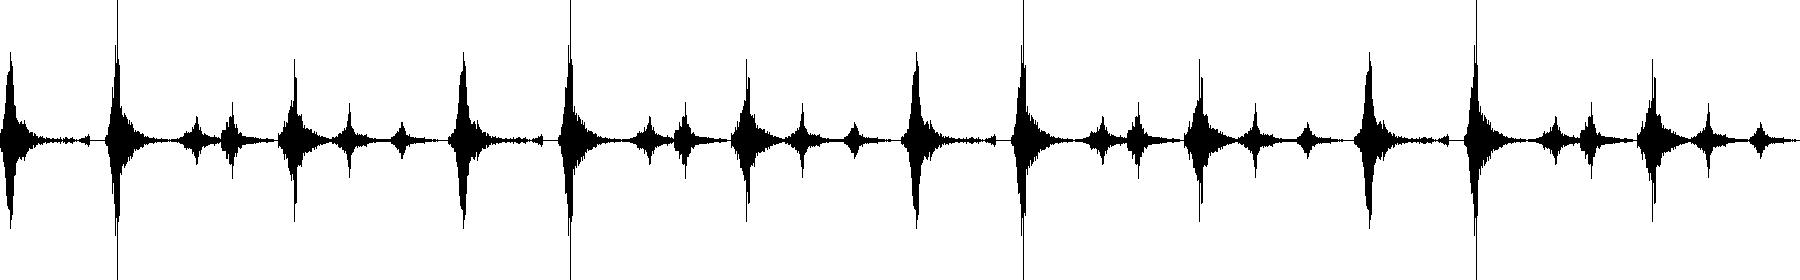 ehp percloop 127 07